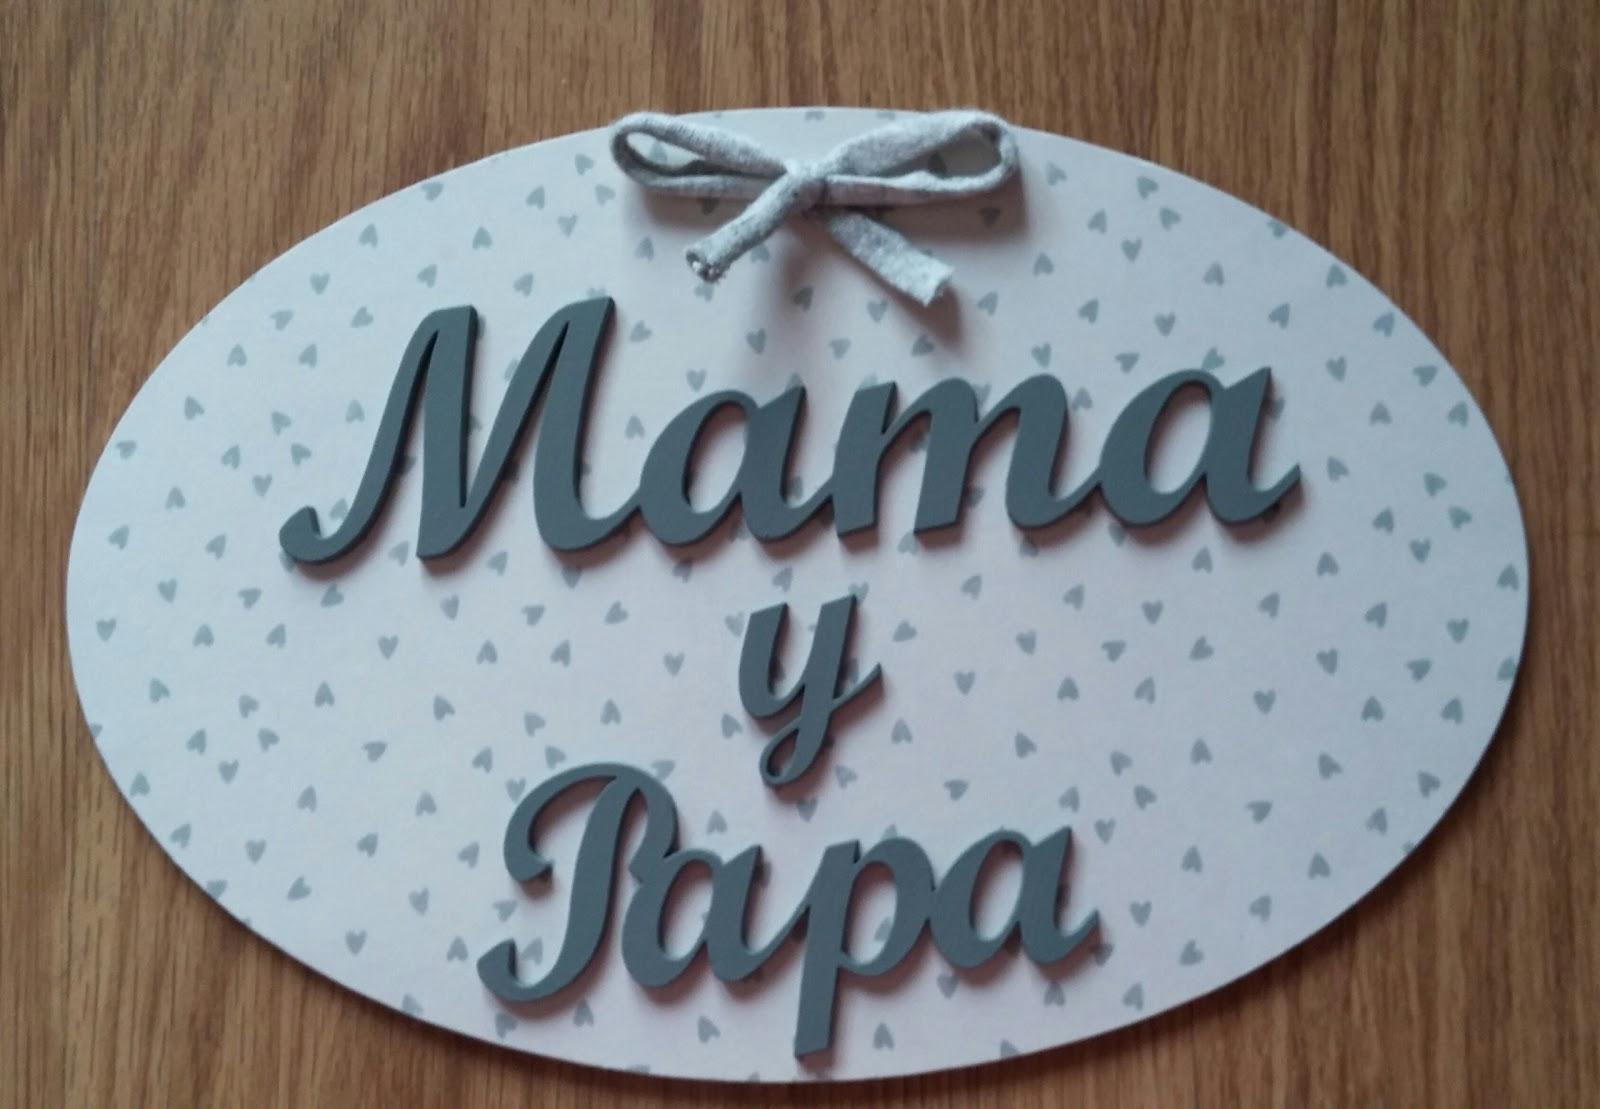 Placa de madera de mam y pap evyre - Placa de madera ...